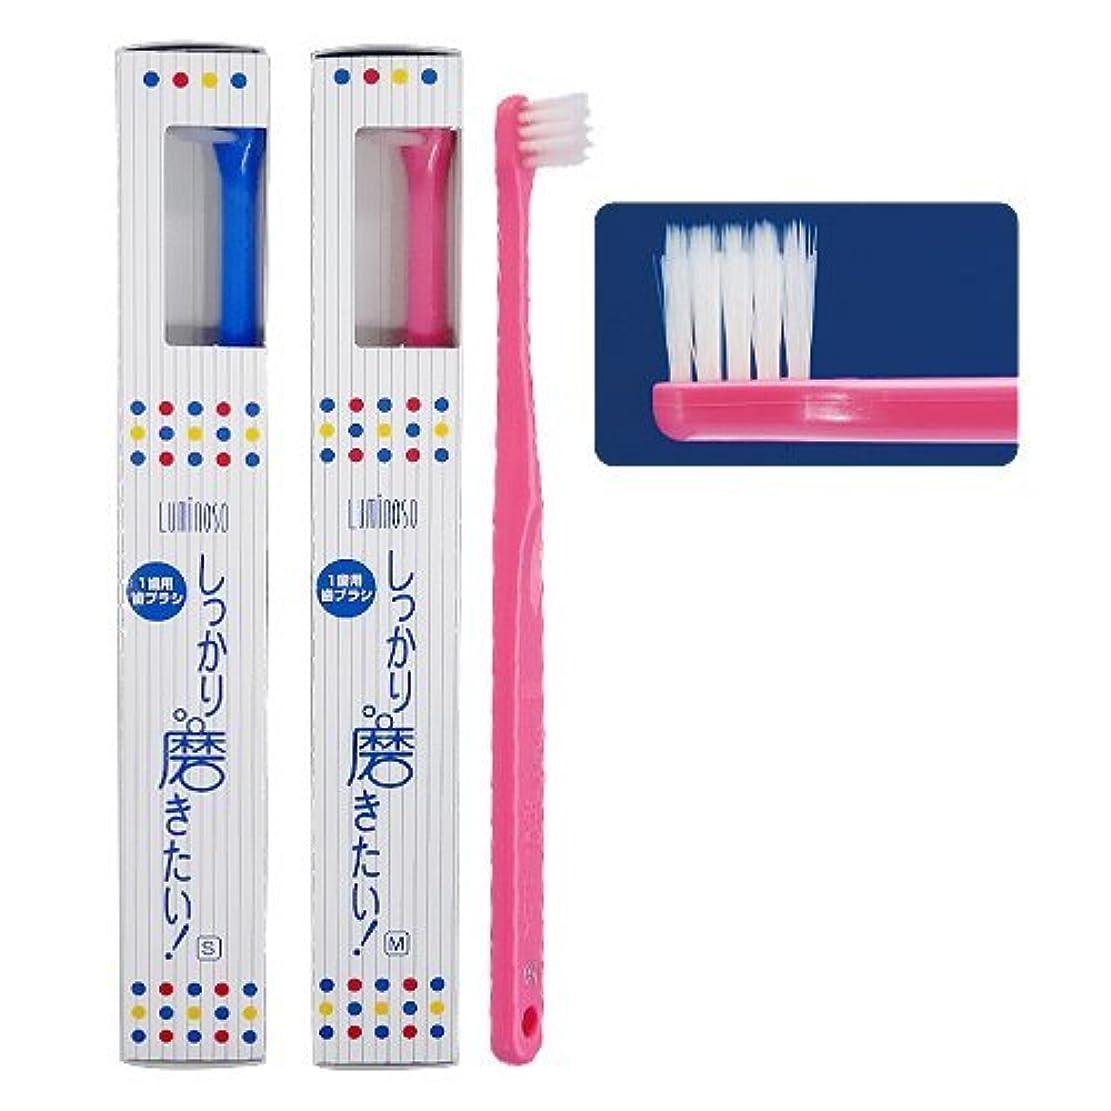 半球観光に行く国籍ルミノソ 1歯用歯ブラシ「しっかり磨きたい!」スタンダード ソフト (カラー指定不可) 10本